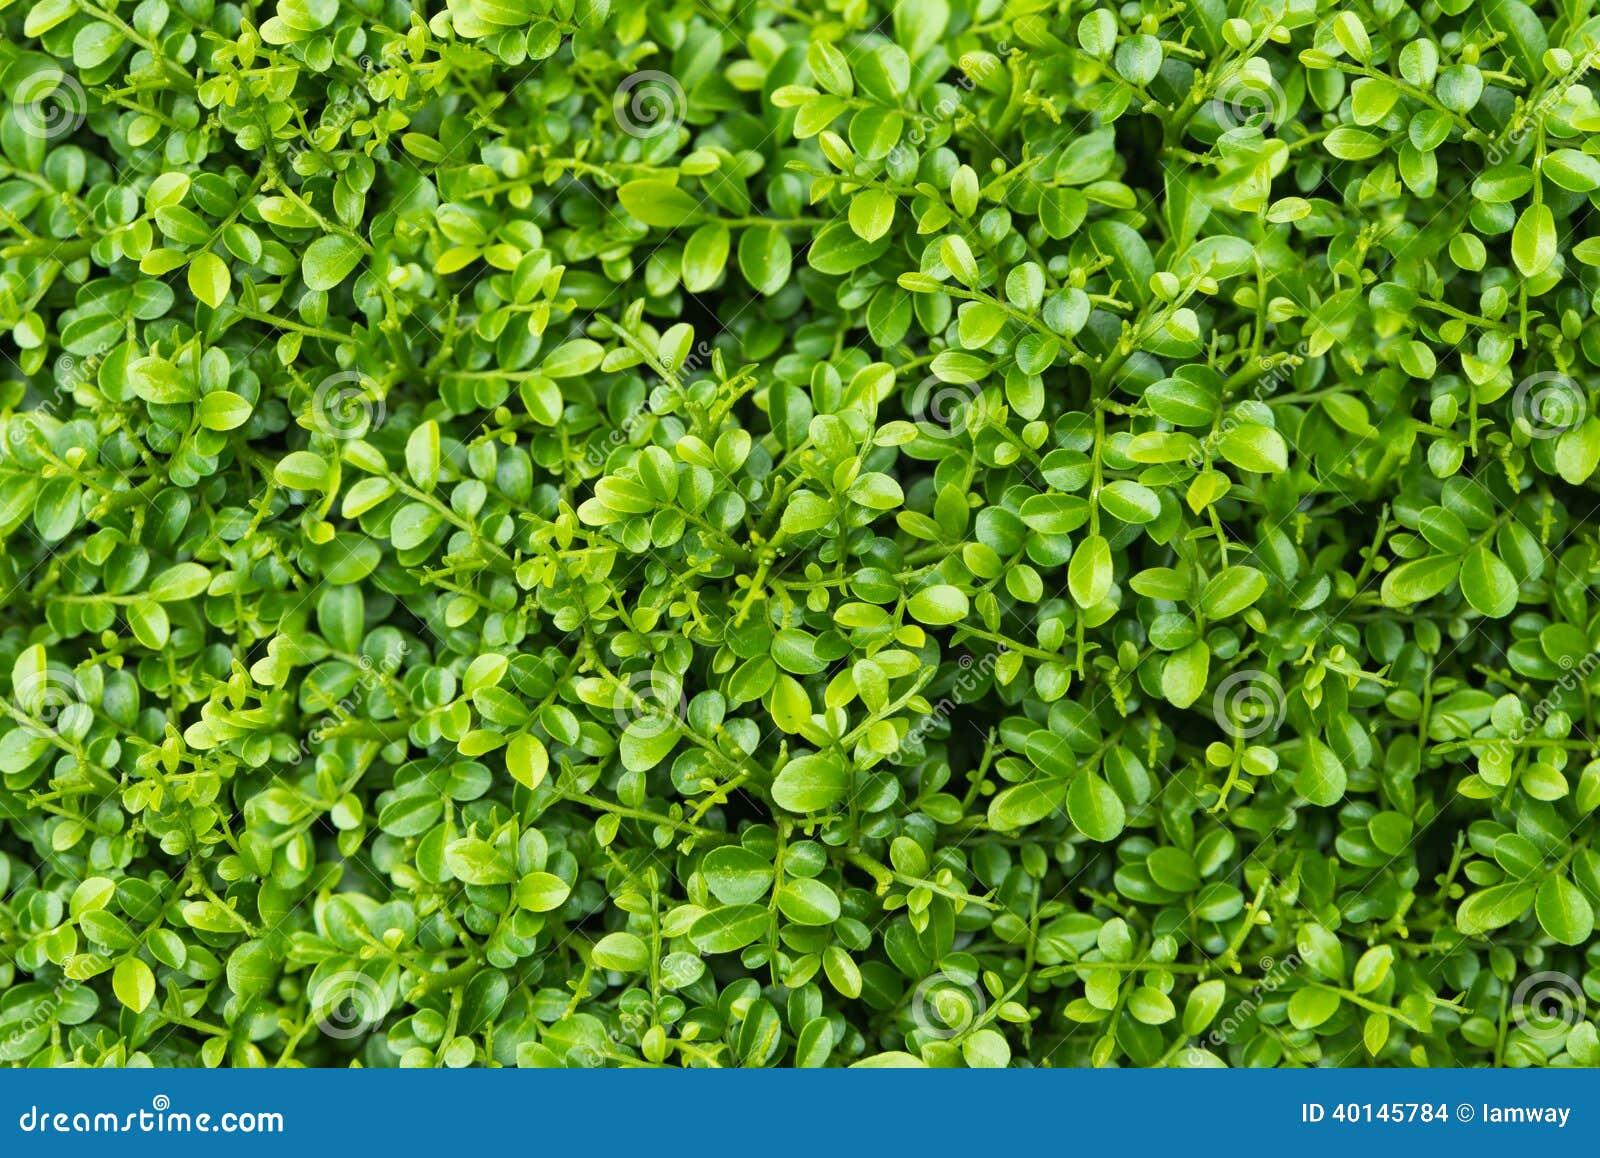 Fondo Verde De La Planta De La Hoja Foto De Archivo